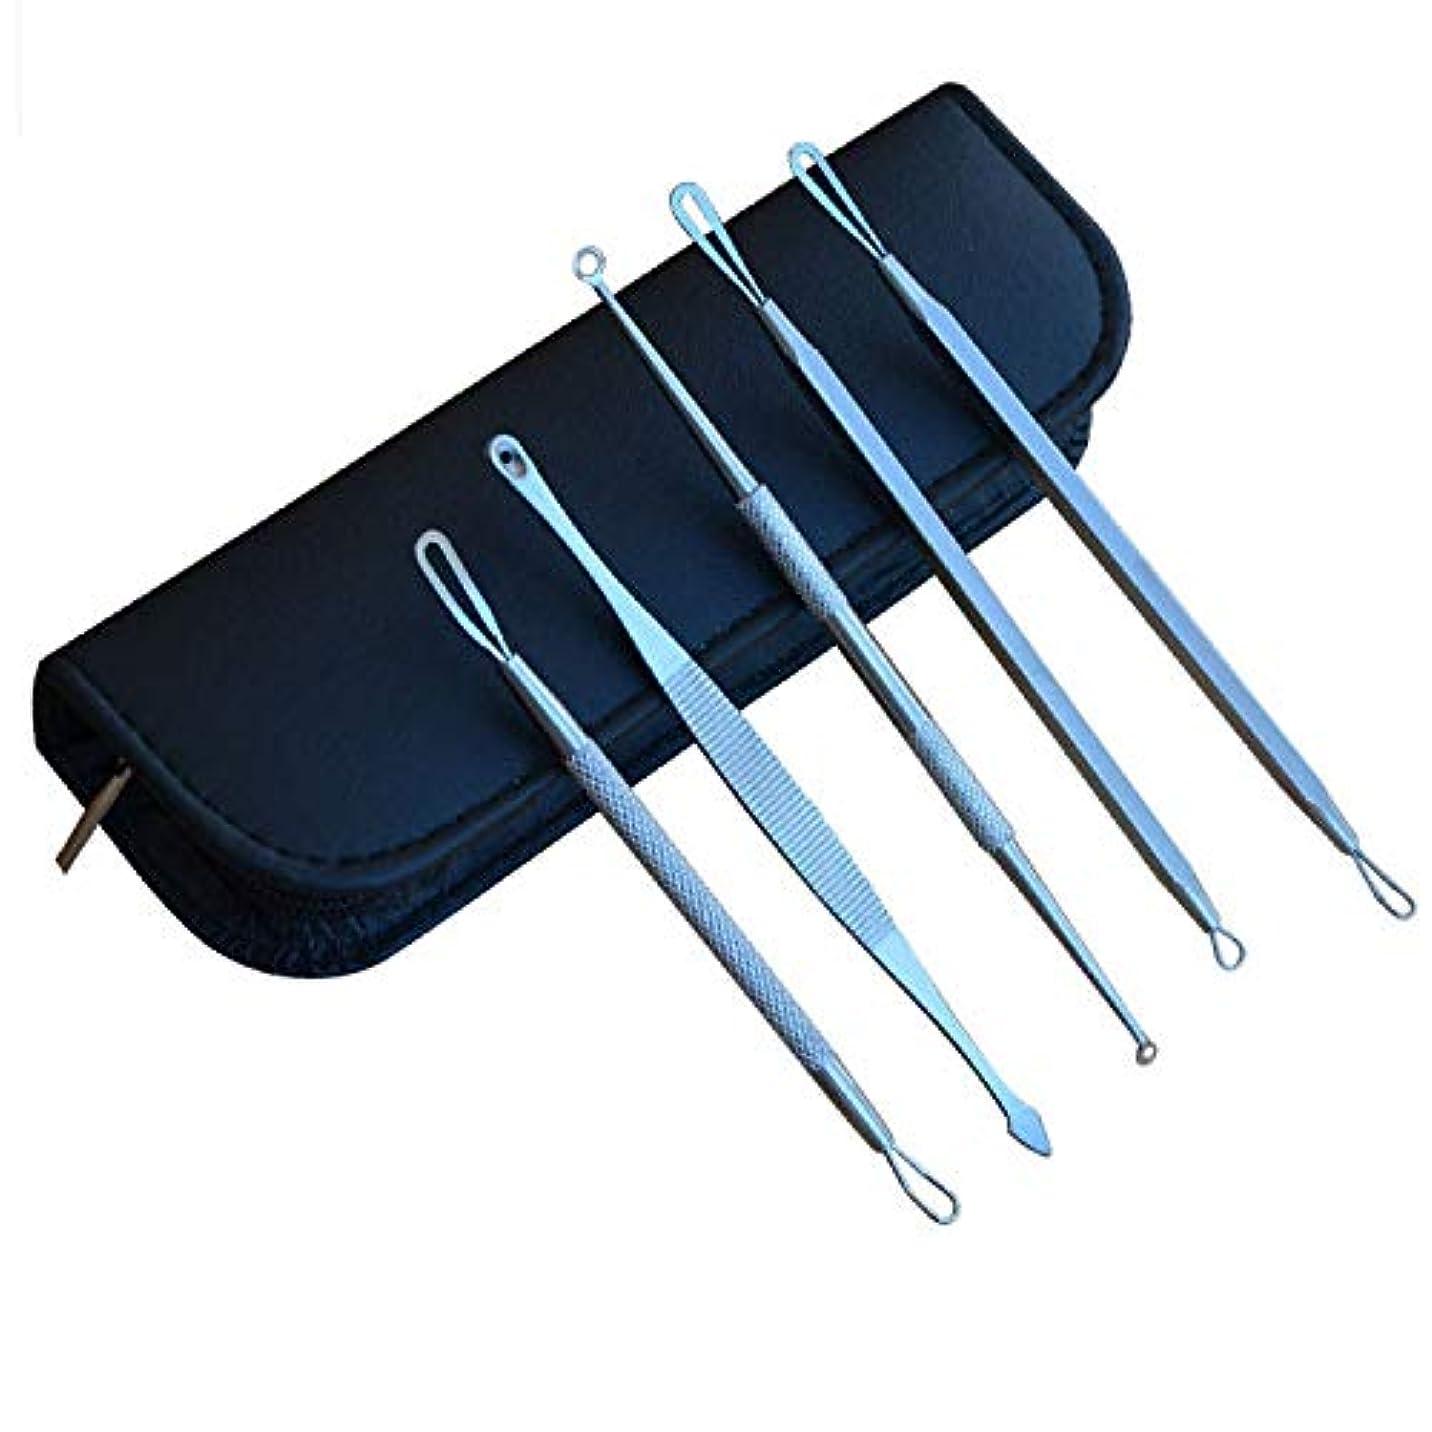 雇用者同様の国歌KingsleyW 4-PCS PimpleExtractor、リスクフリーノーズフェースのための黒毛のケアのにきびツット除去ツール - ローズゴールドピンセットキット (色 : 黒)